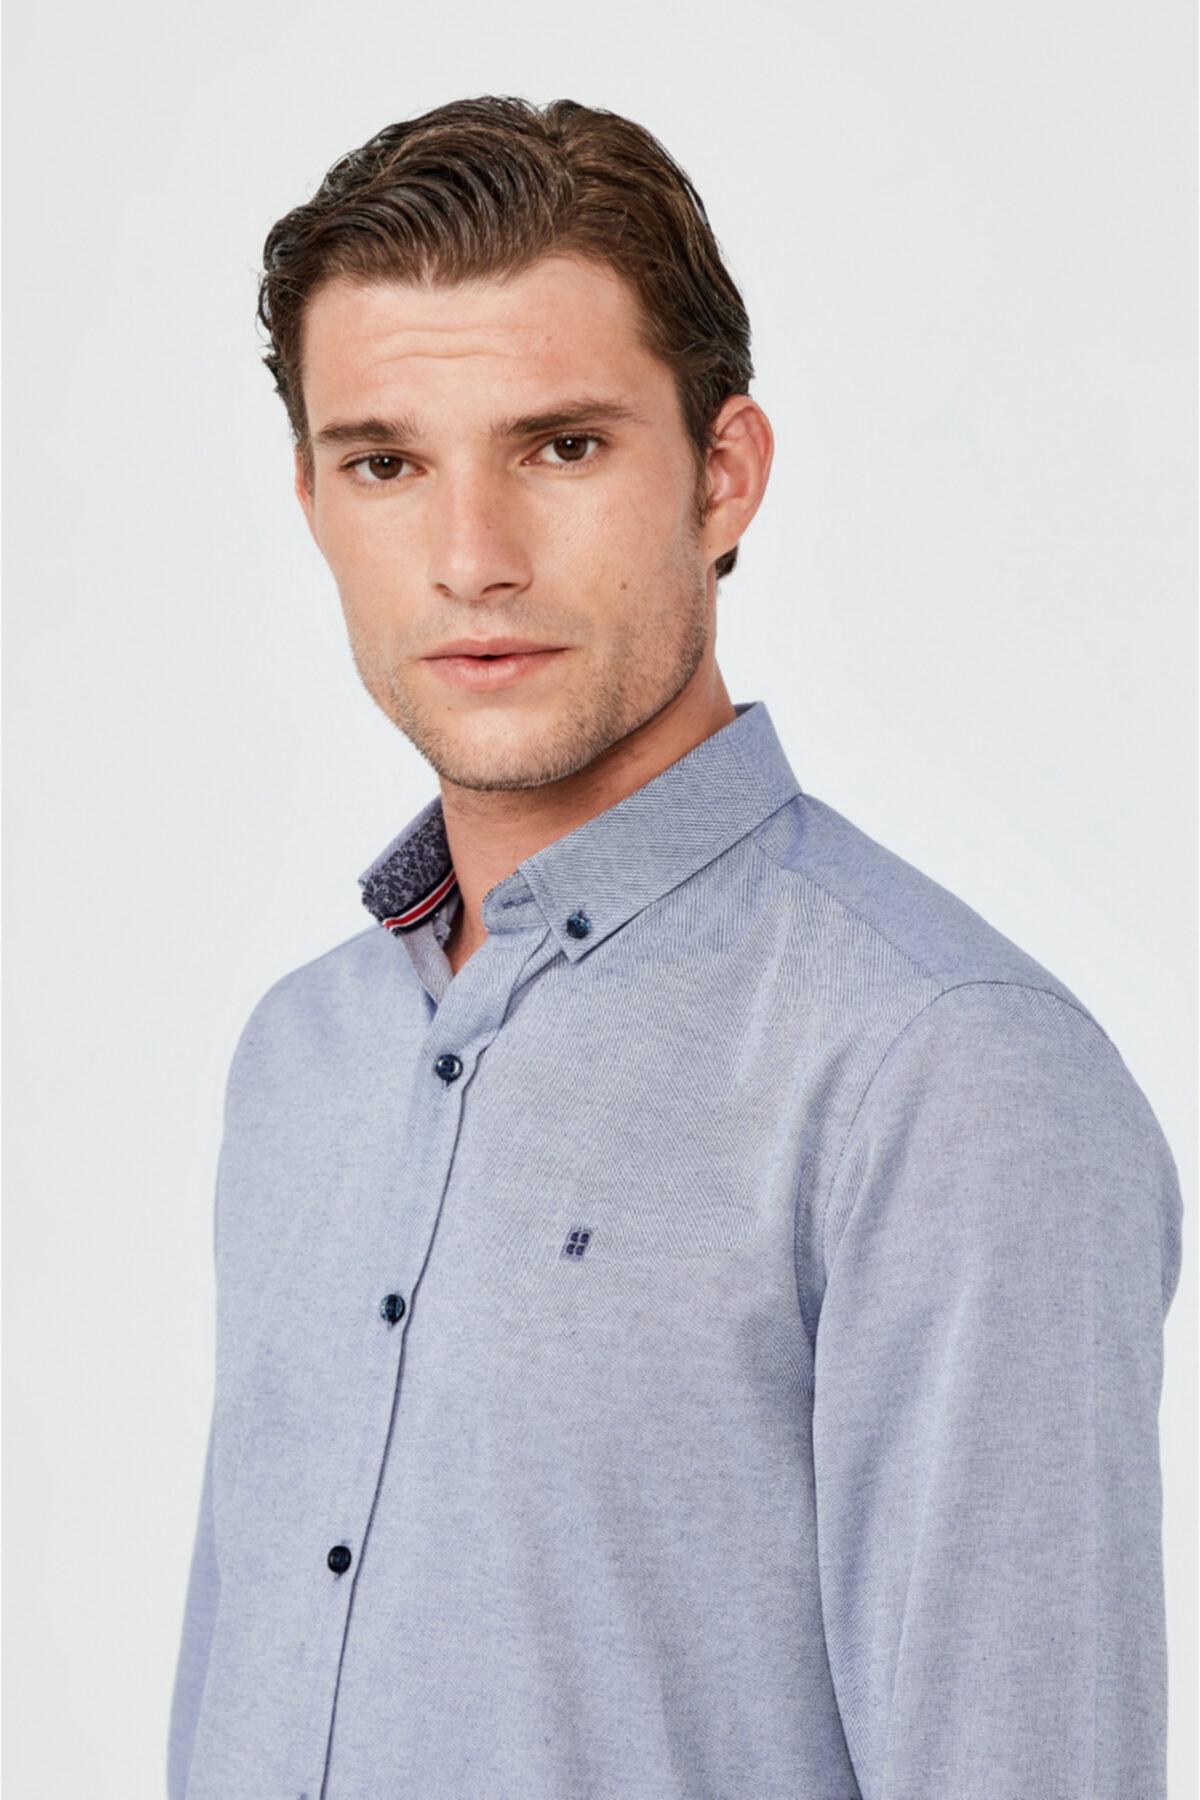 Erkek Koyu Mavi Oxford Düğmeli Yaka Slim Fit Gömlek A02b2287